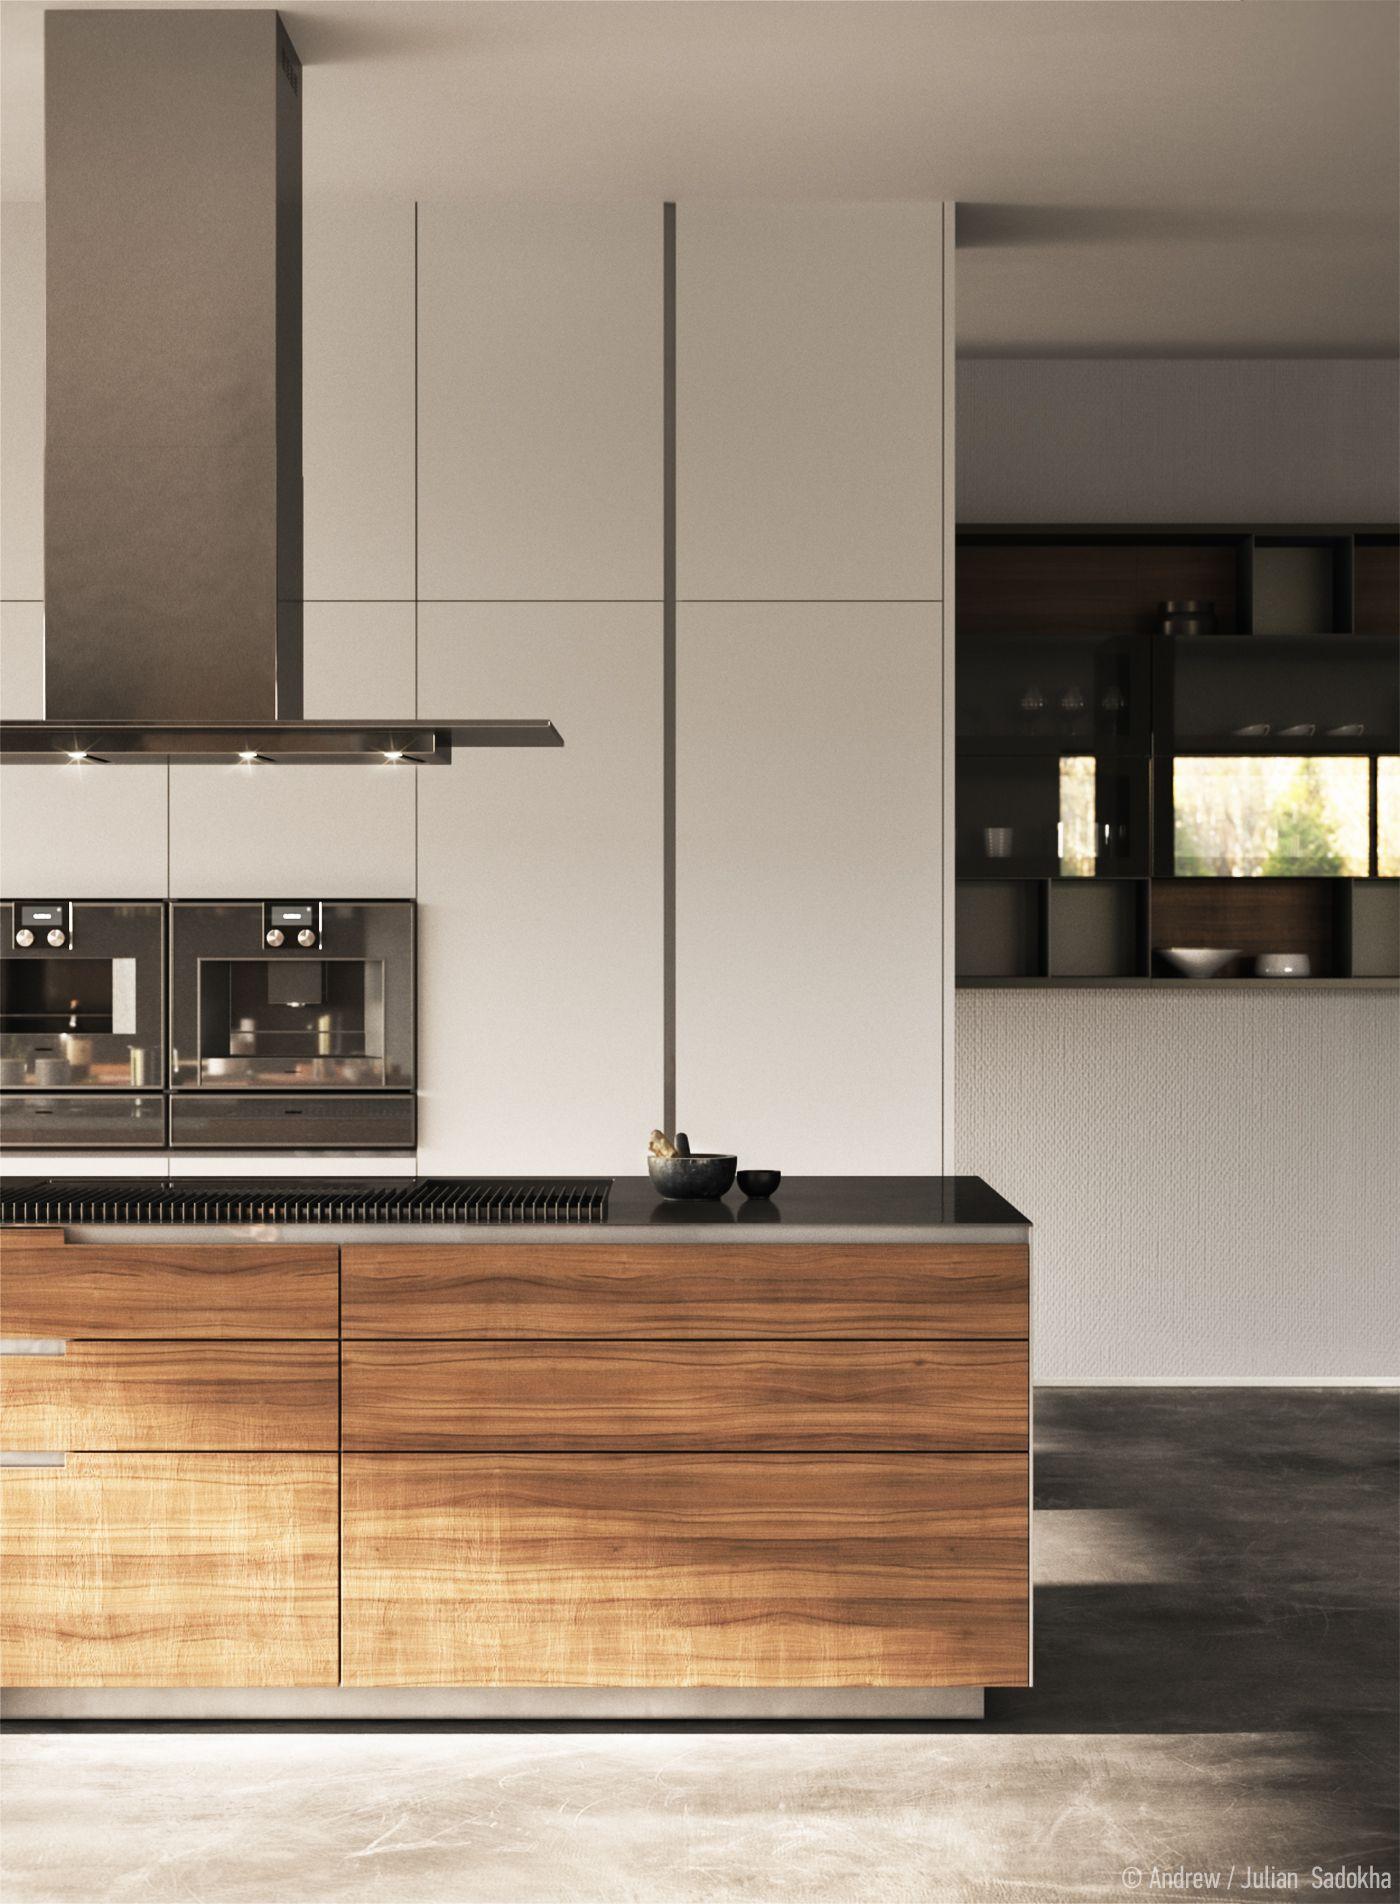 Poliform Varenna Kitchen On Behance Kitchen Interior Design Modern Scandinavian Kitchen Design Minimal Kitchen Design